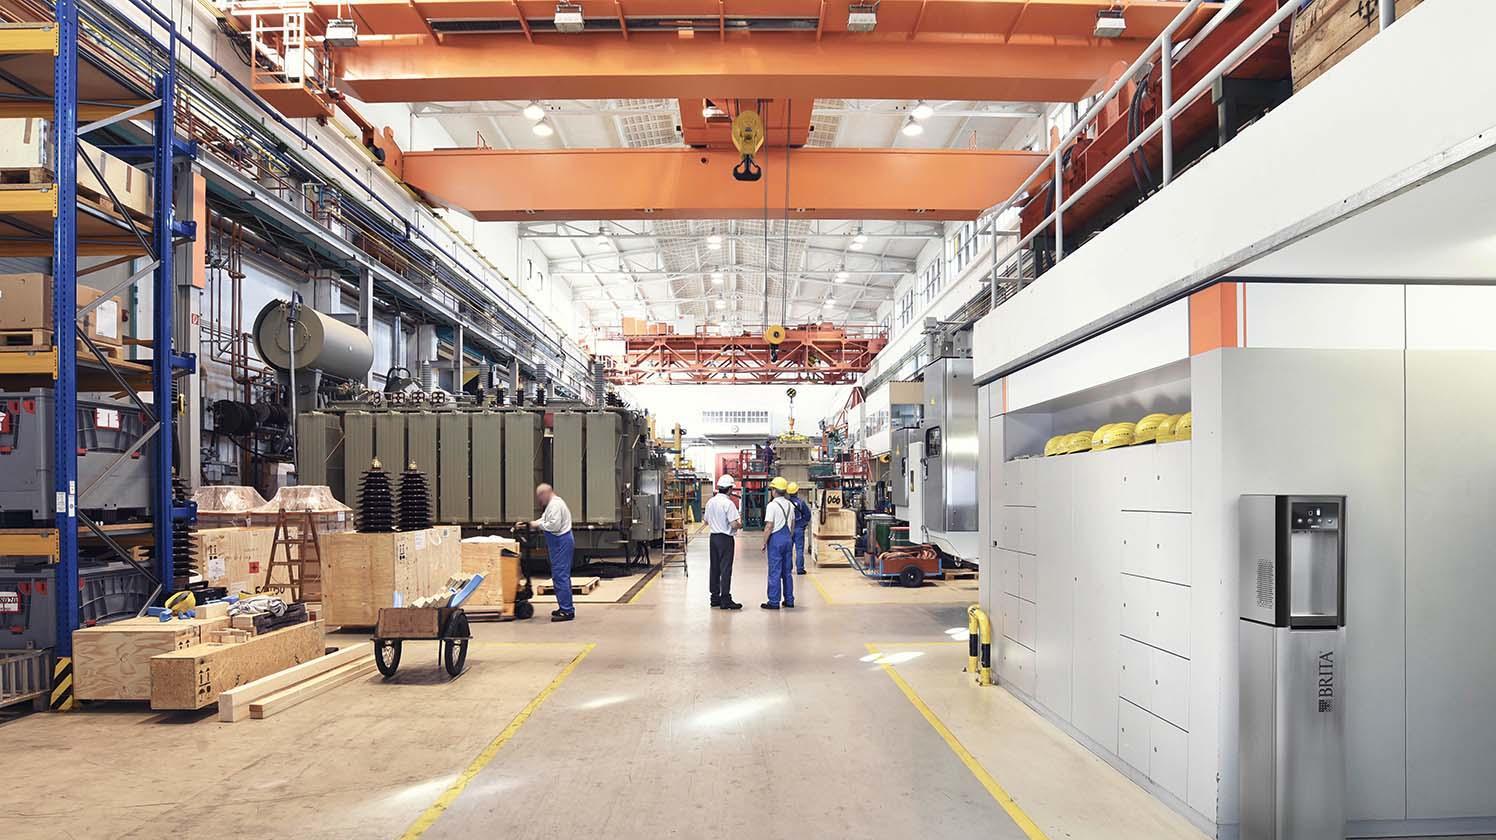 BRITA dystrybutor wody Sodamaster 200 w fabryce